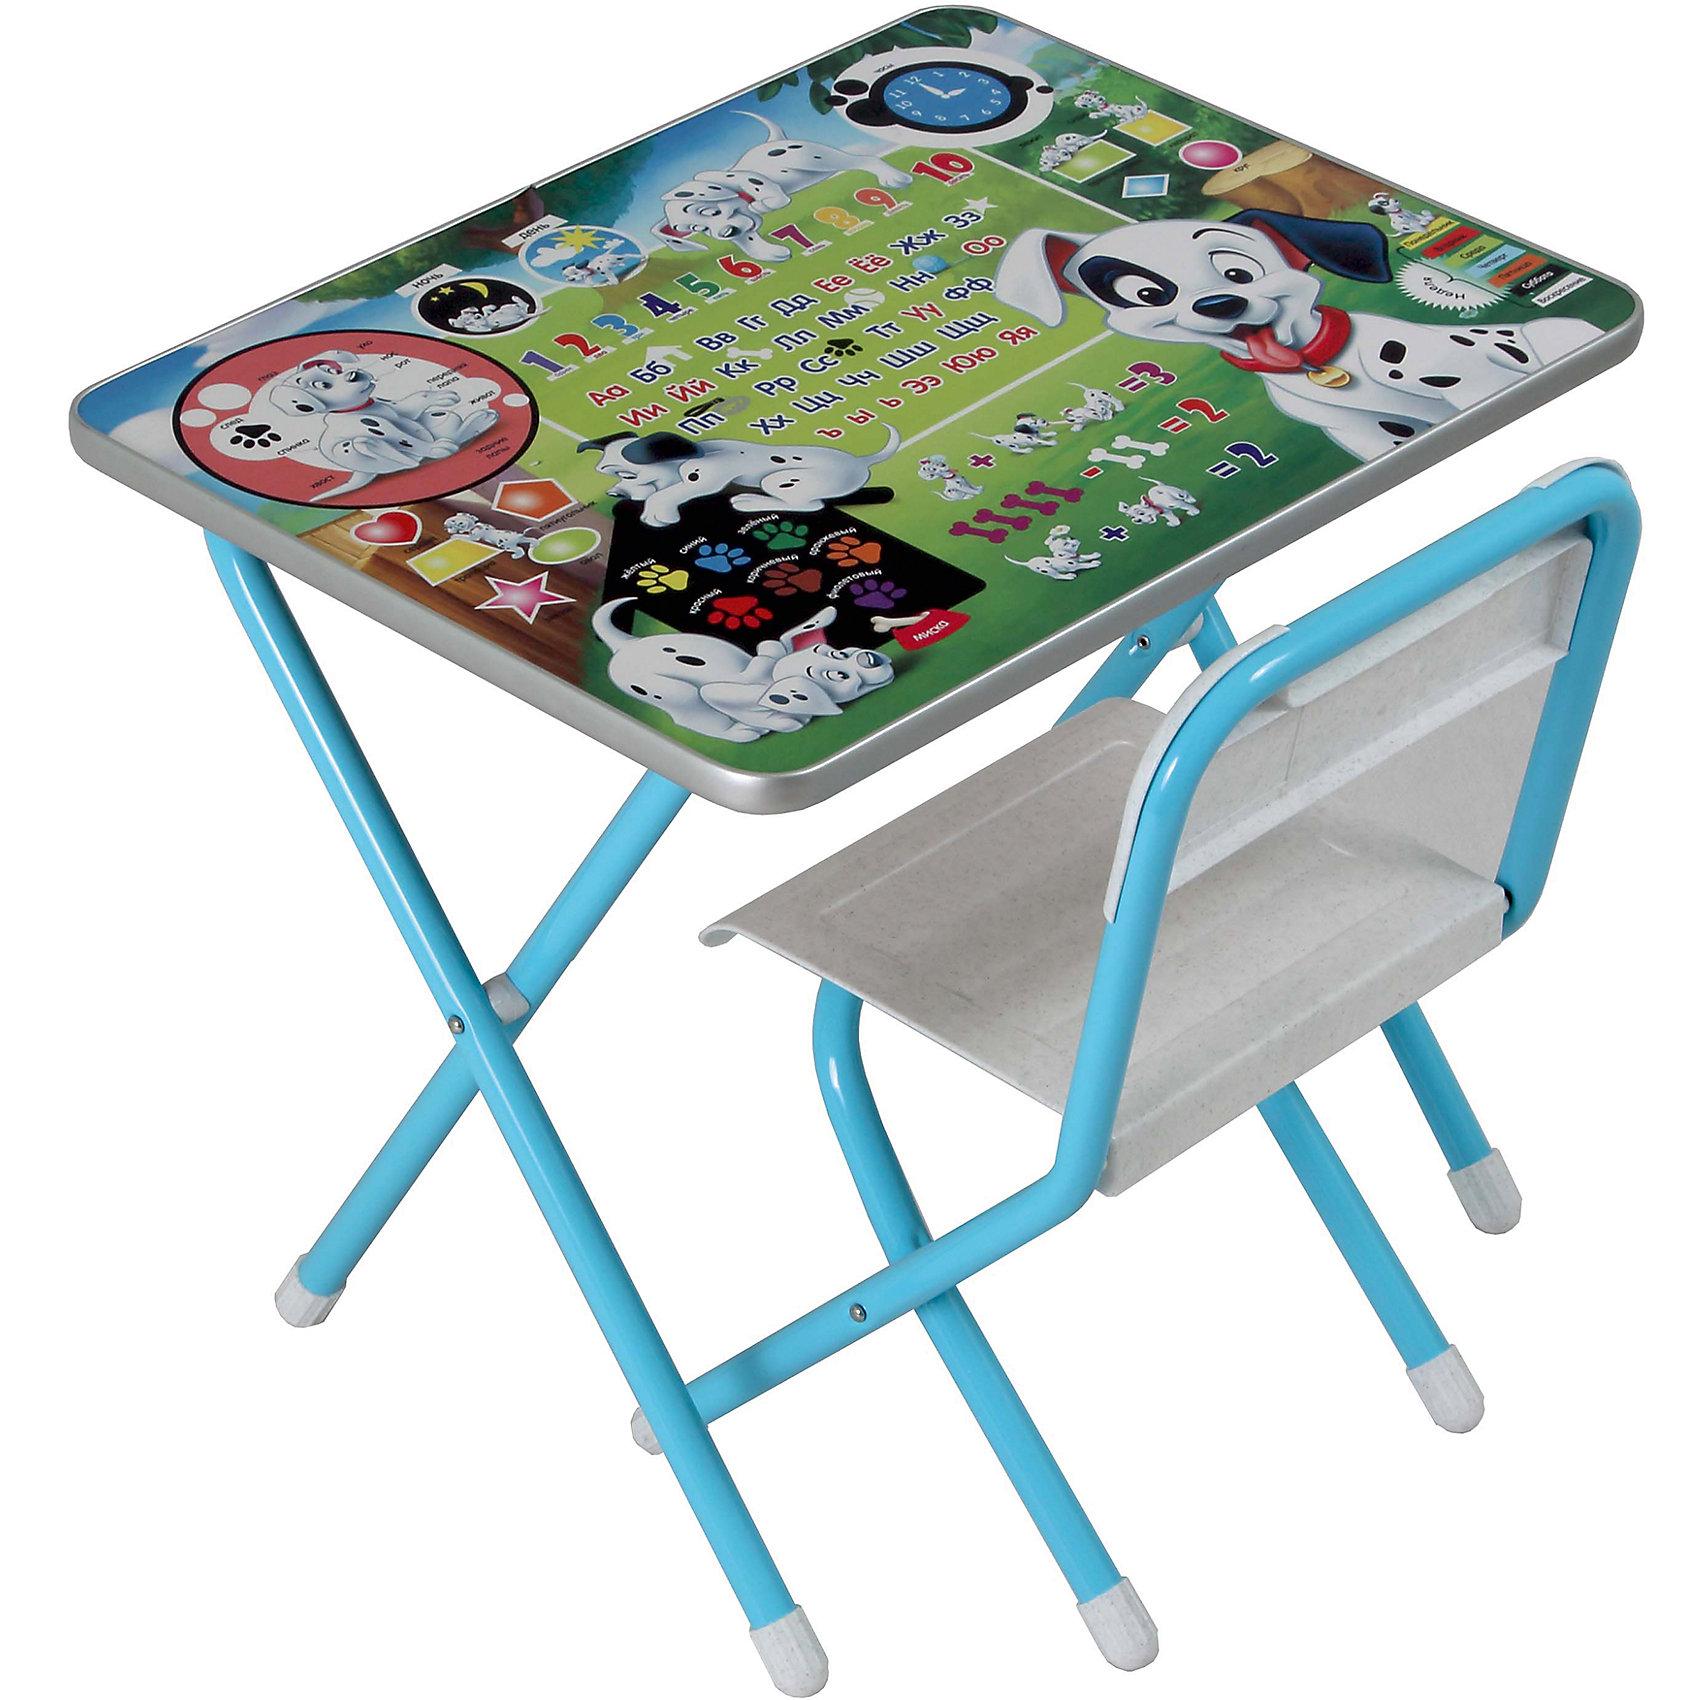 Набор мебели 101 далматинец (2-5 лет), Дэми, голубойДетские столы и стулья<br>Набор детской складной мебели 101 далматинец, Дэми - удобная практичная мебель для малышей и дошкольников. Она разработаны для детей старше 2 лет и учитывают все физиологические и анатомические особенности малышей. Комплект одинаково хорошо подойдет и для учебных занятий и для рисования, творчества и настольных игр. В наборе комфортный стульчик со спинкой и столик. На поверхности столешницы расположена красочная игровая панель с ламинированным покрытием. Яркие обучающие рисунки познакомят ребенка с цифрами и буквами и развлекут веселыми тематическими играми. Все предметы компактно складываются и занимают мало места в комнате.<br><br>Дополнительная информация:<br>В набор входит боковой пенал (пластмасса).<br>- Материал: металлический каркас, пластик.<br>- Размер столешницы: 45 х 60 см.<br>- Высота до плоскости столешницы: 46 см.<br>- Высота сиденья: 26 см. <br>- Размер упаковки: 74 х 64 х 15 см.<br>- Вес: 8 кг.<br><br>Набор детской складной мебели 101 далматинец, Дэми, можно купить в нашем интернет-магазине.<br><br>Ширина мм: 740<br>Глубина мм: 640<br>Высота мм: 150<br>Вес г: 8000<br>Возраст от месяцев: 24<br>Возраст до месяцев: 60<br>Пол: Унисекс<br>Возраст: Детский<br>SKU: 3971632